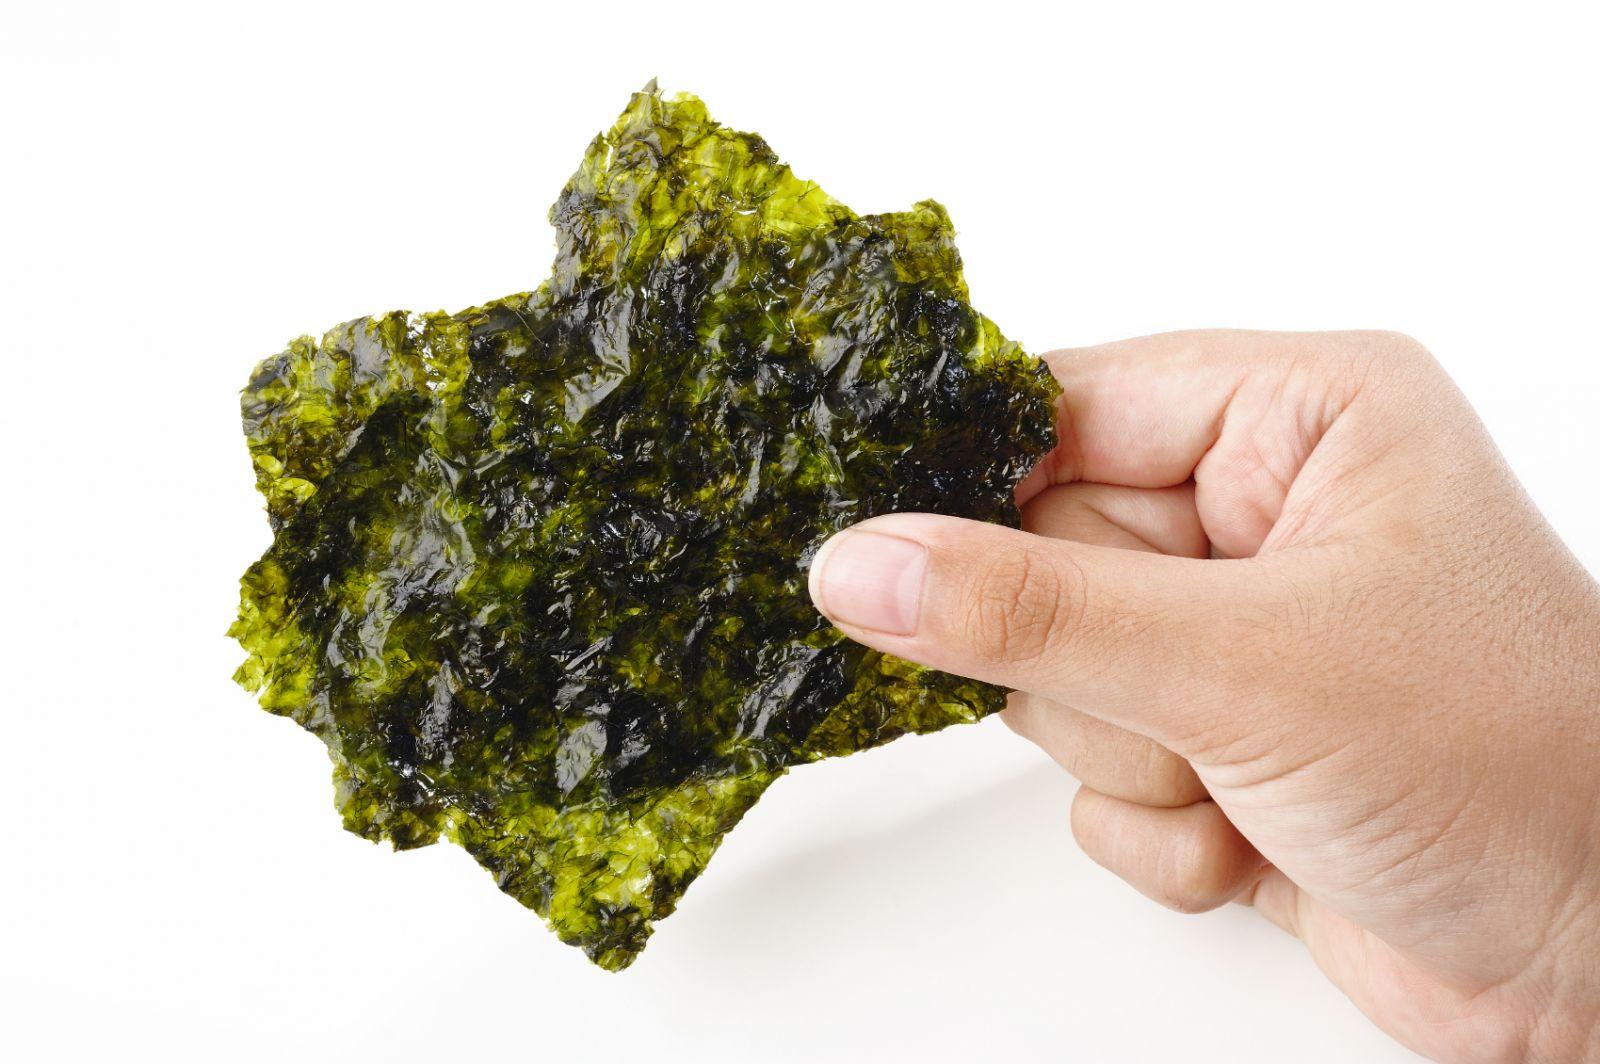 В чем польза морской капусты: свойства для здоровья и красоты | HOCHU.UA